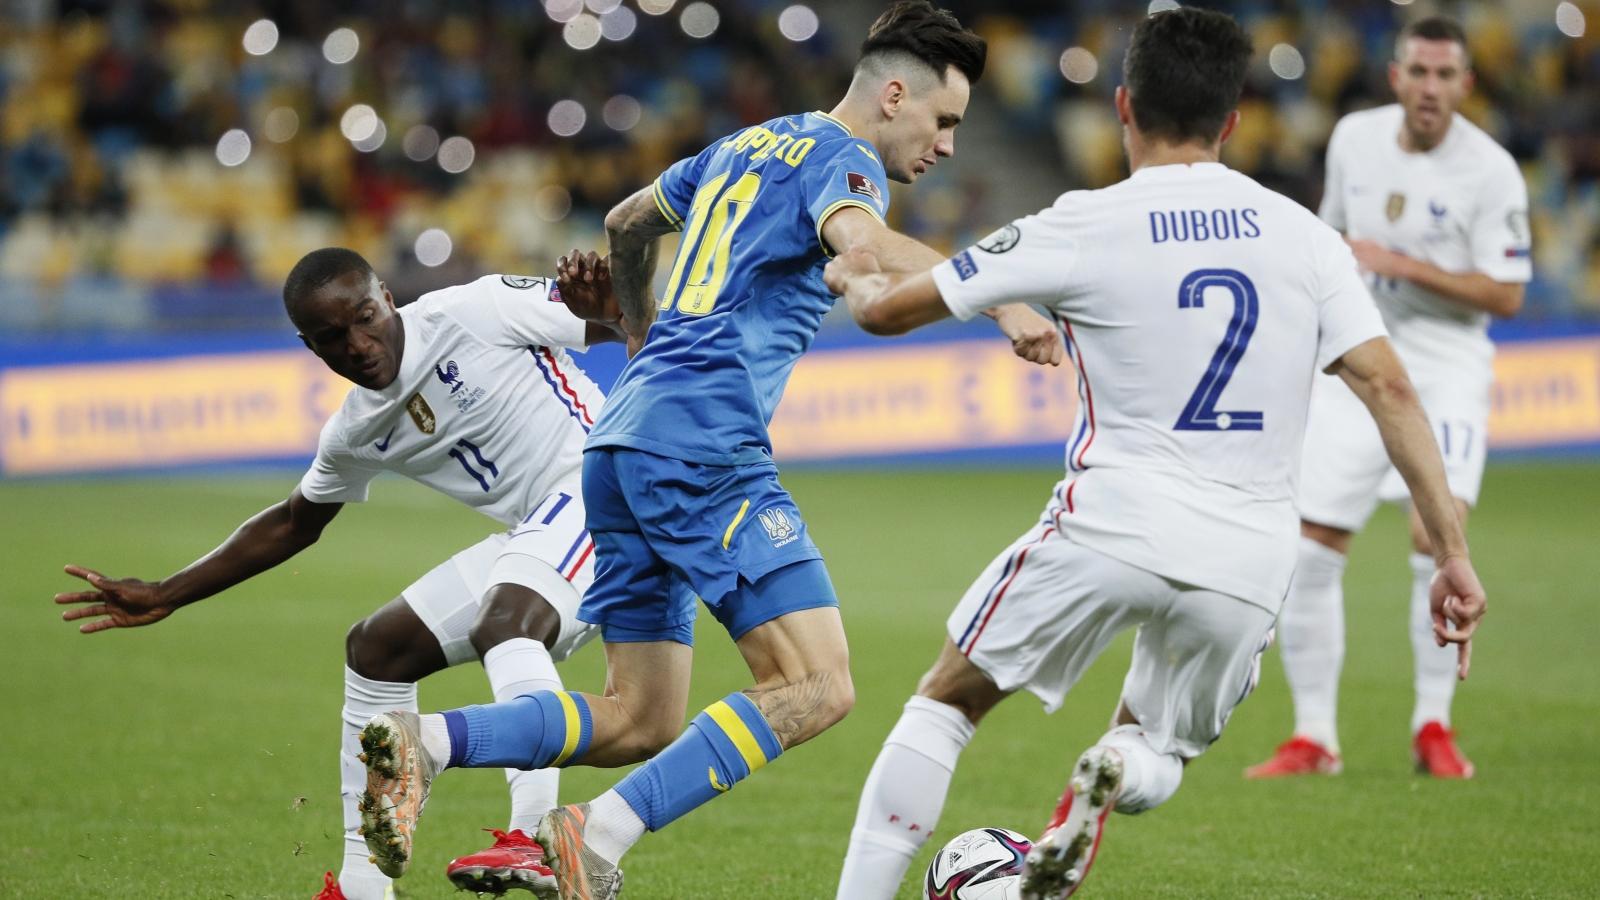 Bị Ukraine cầm hòa, ĐT Pháp tiếp tục gây thất vọng ở vòng loại World Cup 2022